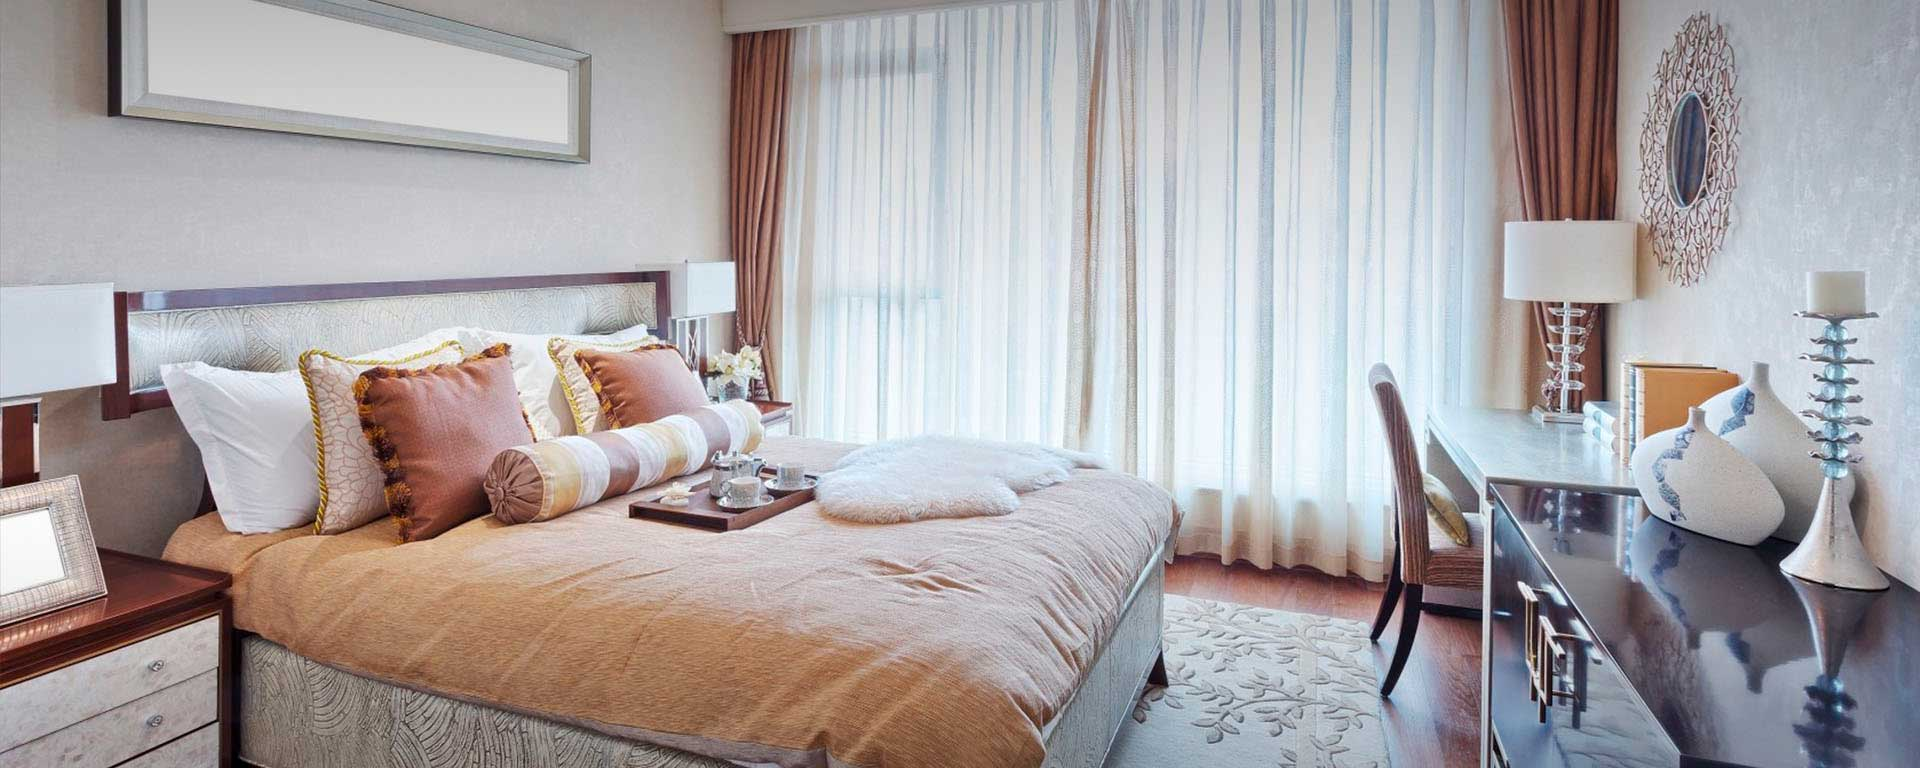 Элитный ремонт спальни под ключ